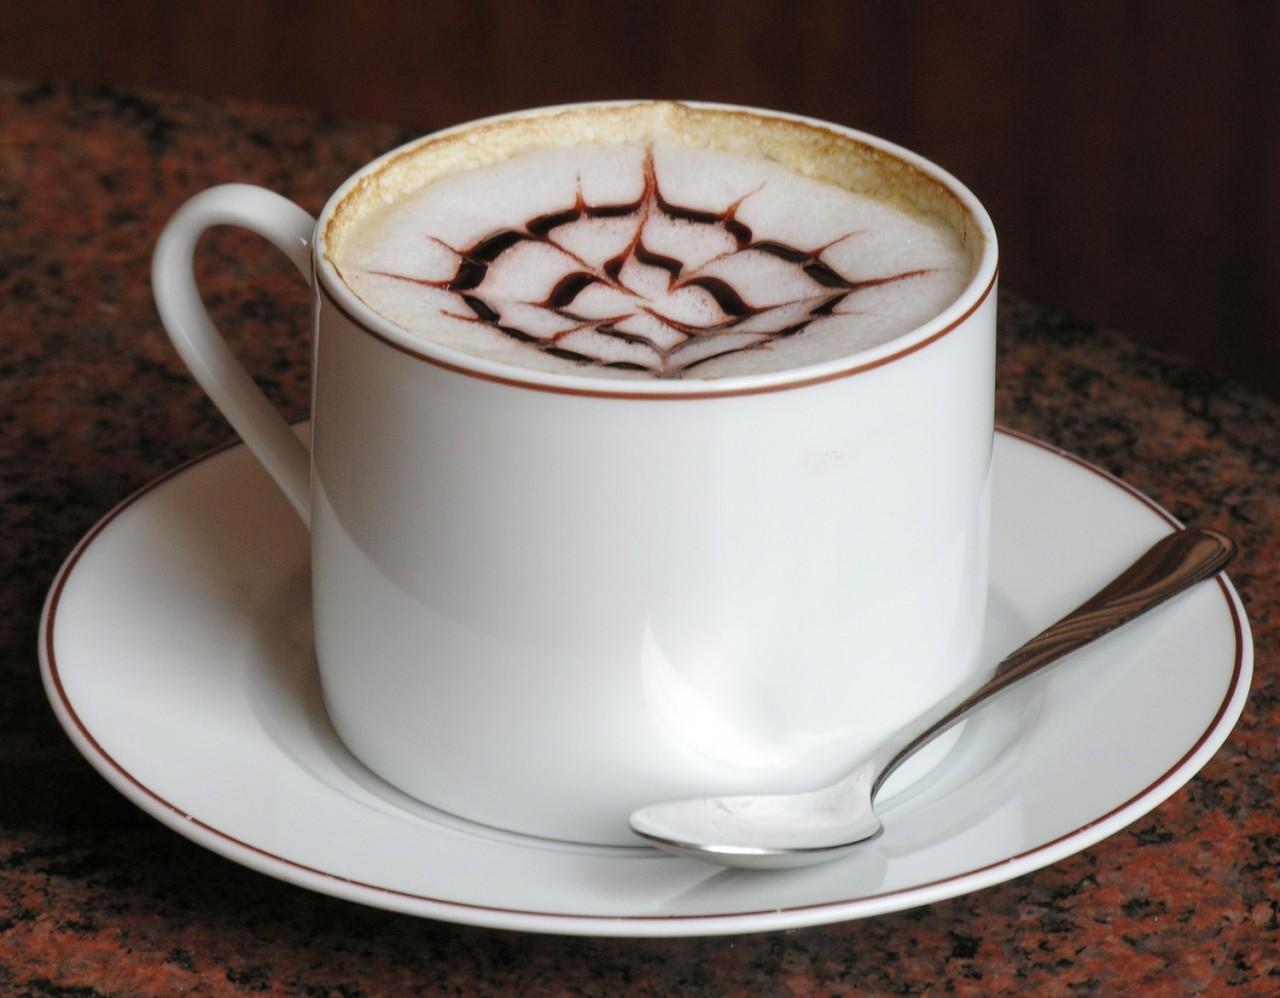 Рецепт доброго утра. Самые вкусные коктейли на основе кофе